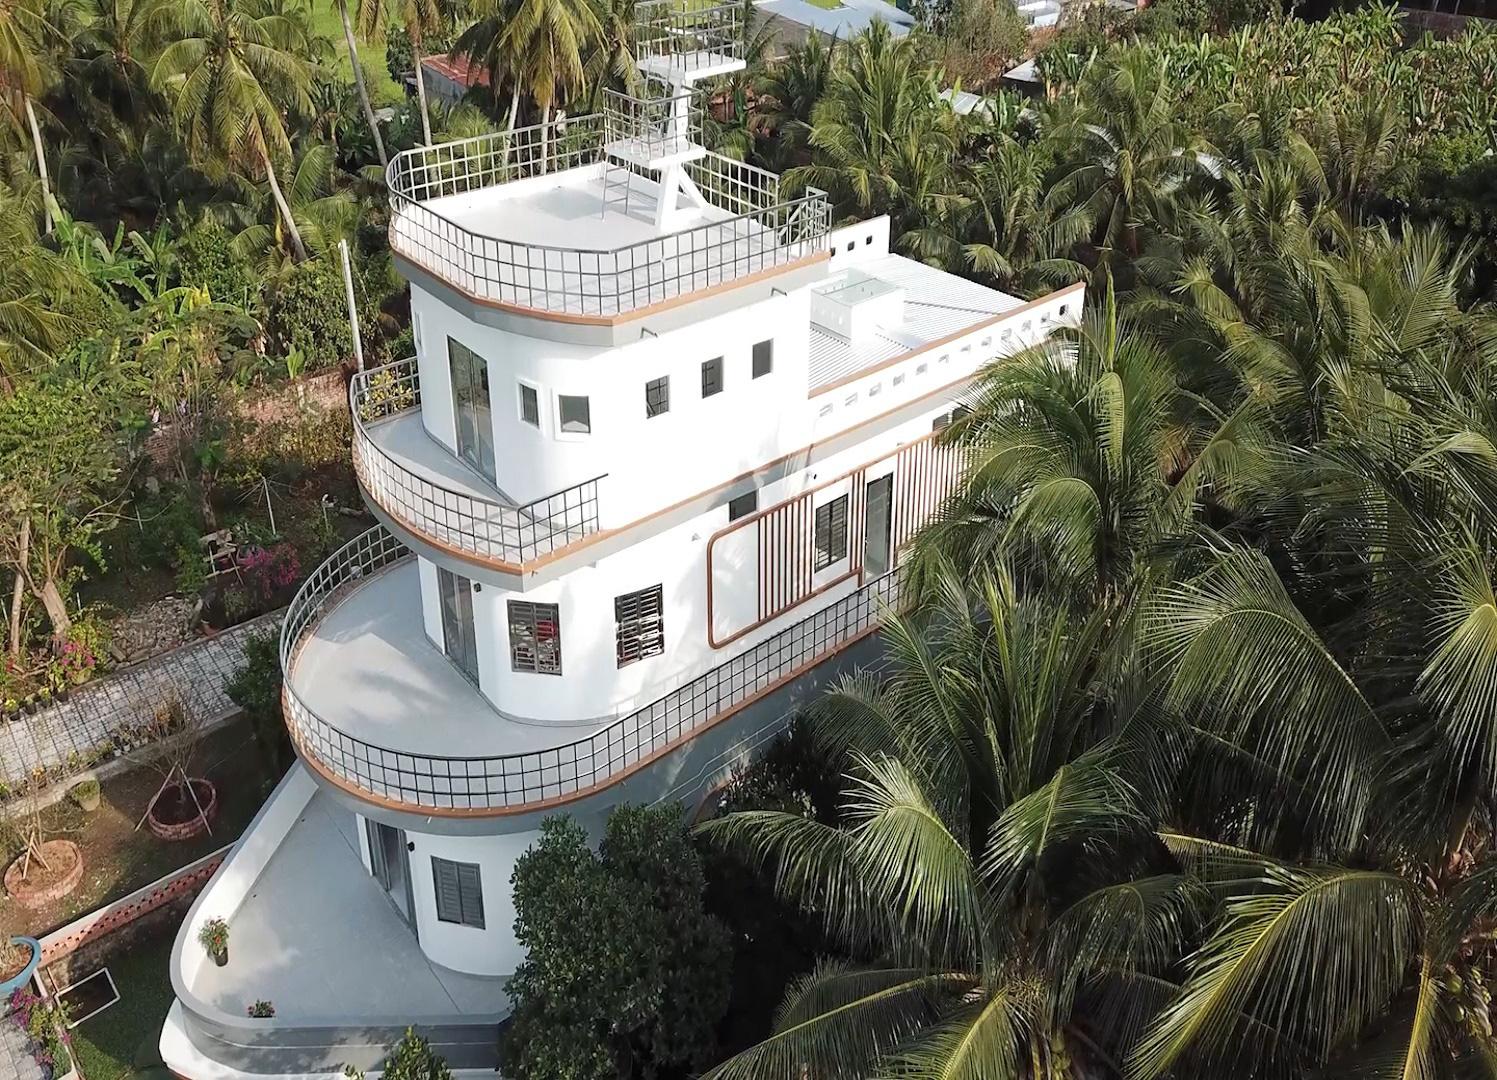 Video: Độc lạ căn nhà giống du thuyền nổi bật nhất miền Tây - Ảnh 2.